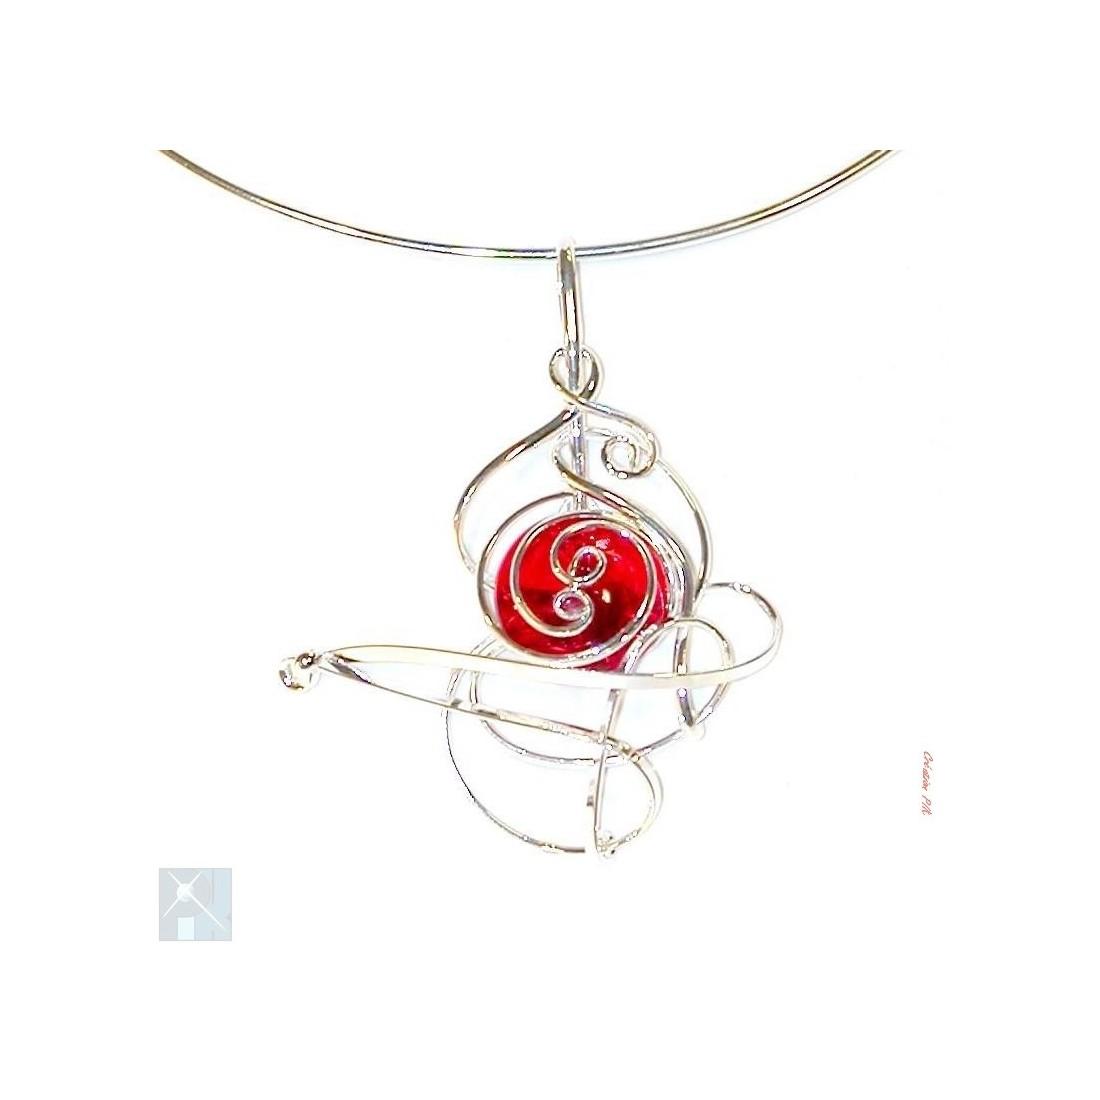 Collier argent de couleur rouge rubis, bijou pour femme